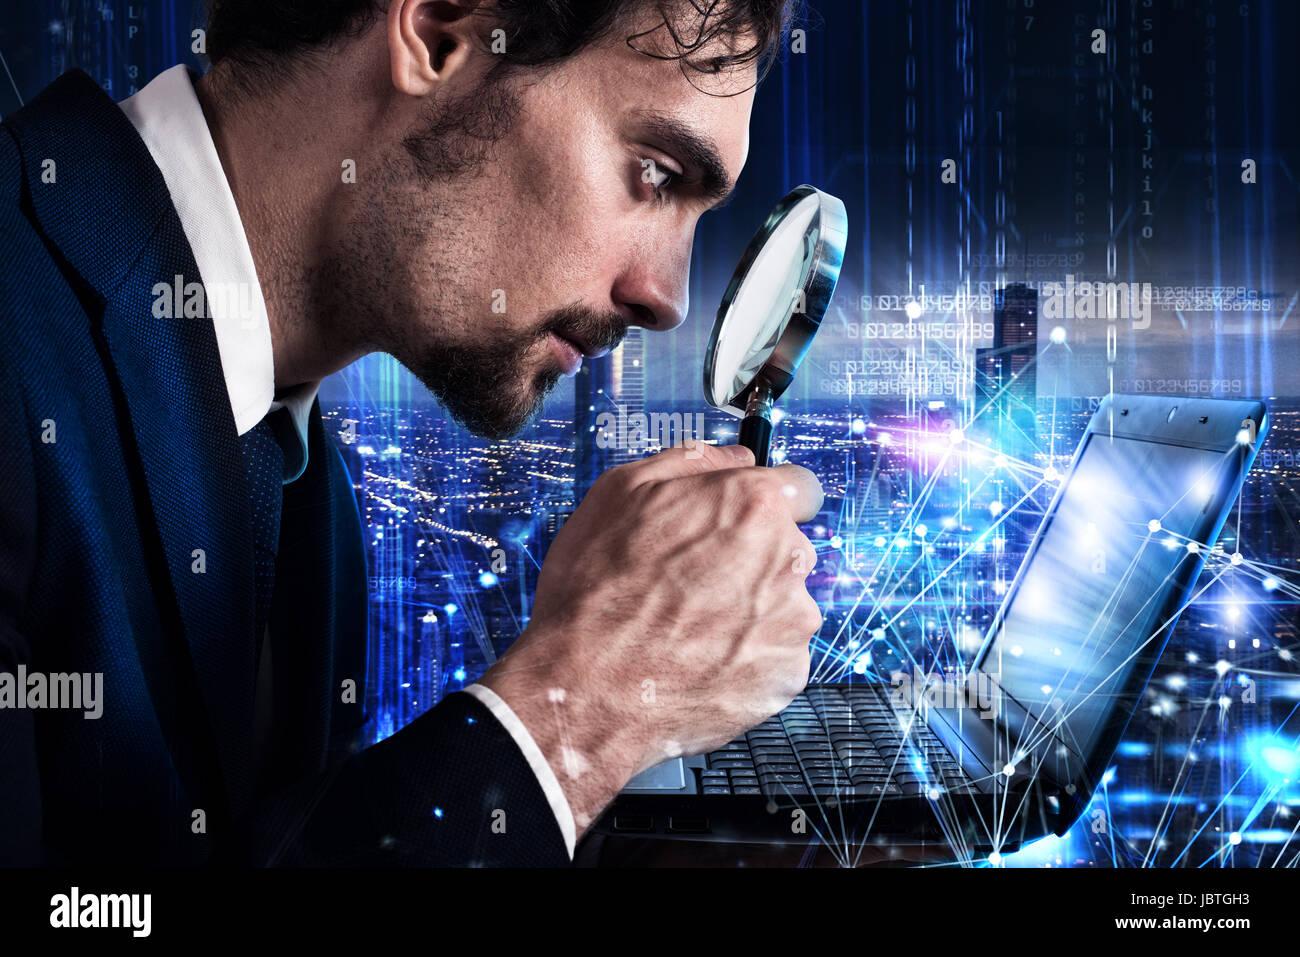 Homme regarde à la loupe d'un ordinateur portable. Concept de l'analyse de logiciels Banque D'Images